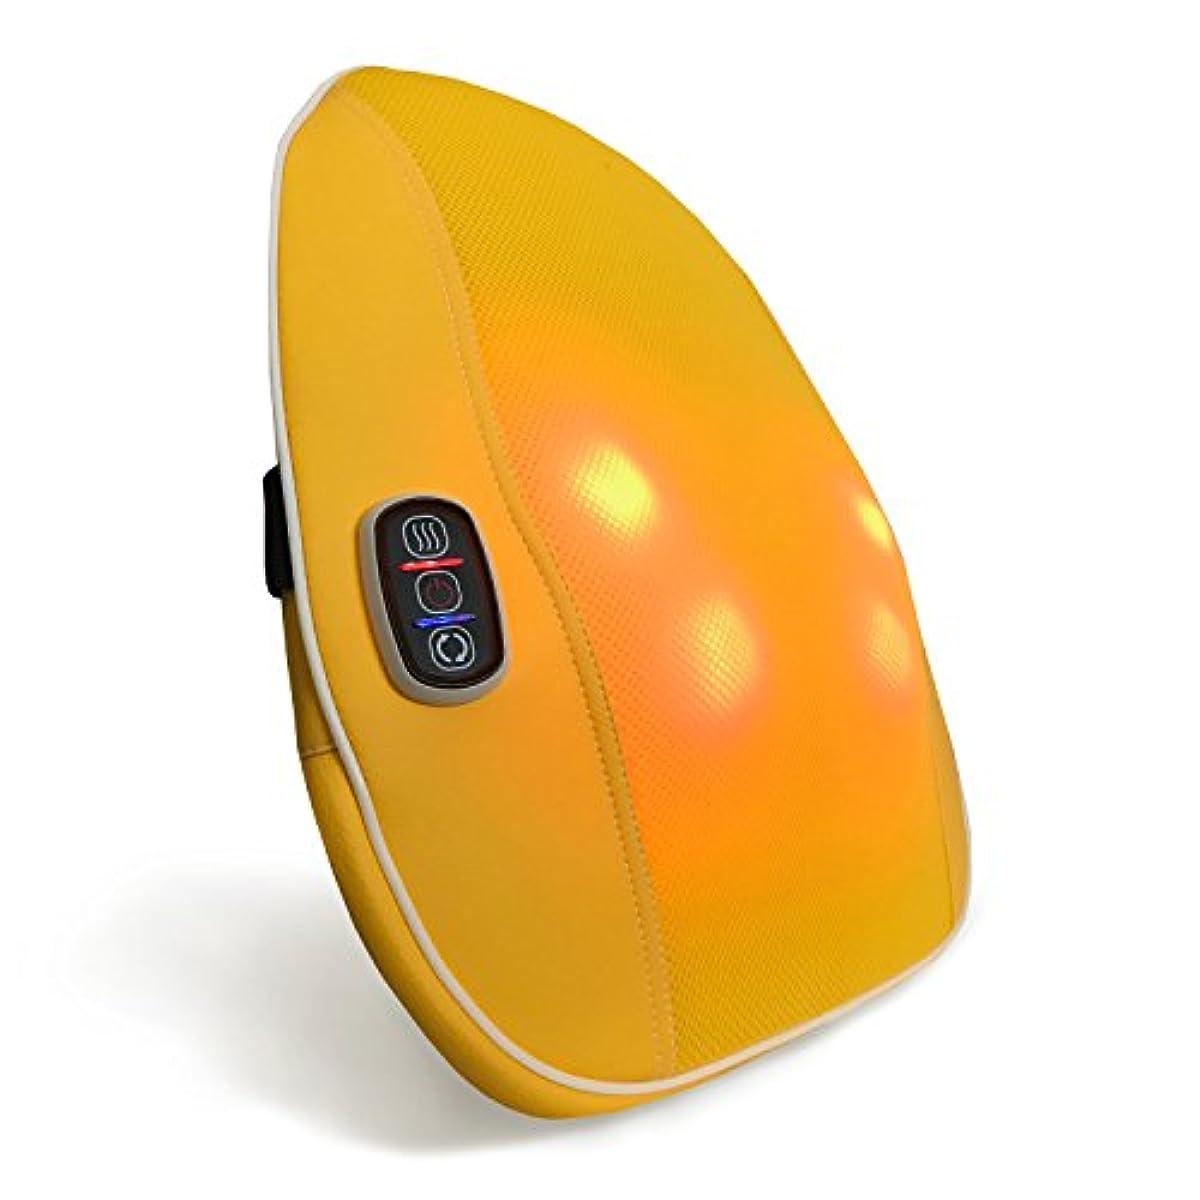 ようこそ新しさトラッククロシオ スマートマッサージャー パプリカ イエロー 幅40cm 厚み9cm もみ玉式マッサージ器 薄型 簡単操作 マッサージクッション